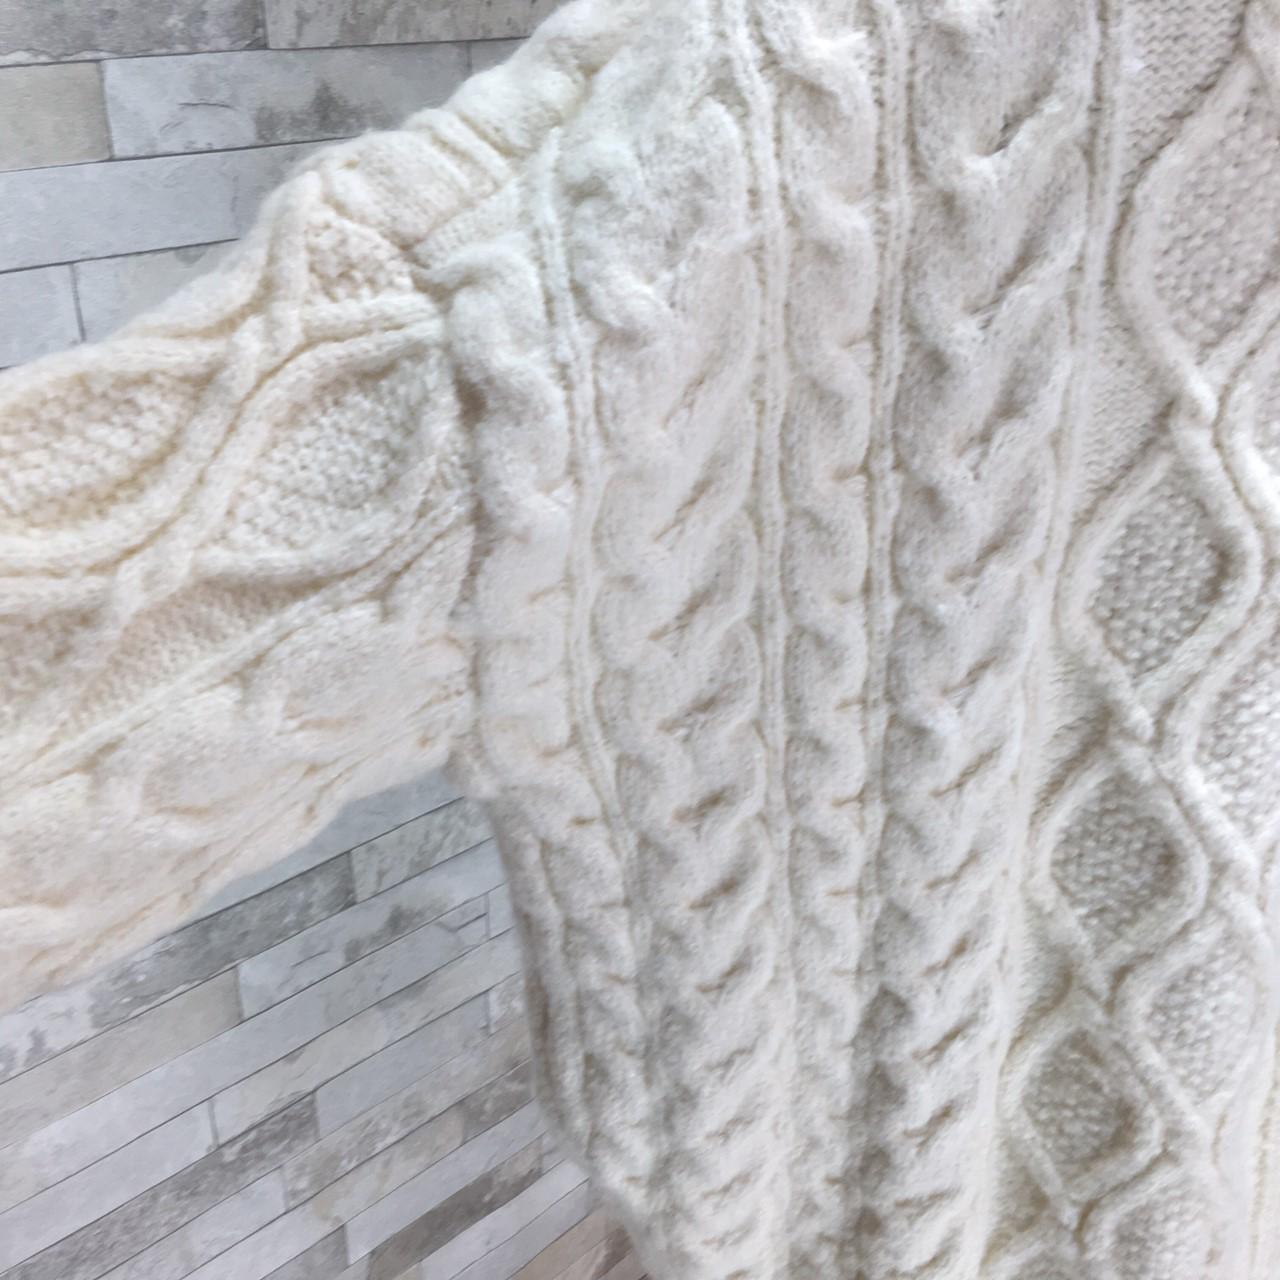 【即納】韓国 ファッション トップス ニット セーター 秋 冬 カジュアル SPTXG551  北欧風 模様編み ビッグシルエット 華奢見せ オルチャン シンプル 定番 セレカジの写真12枚目